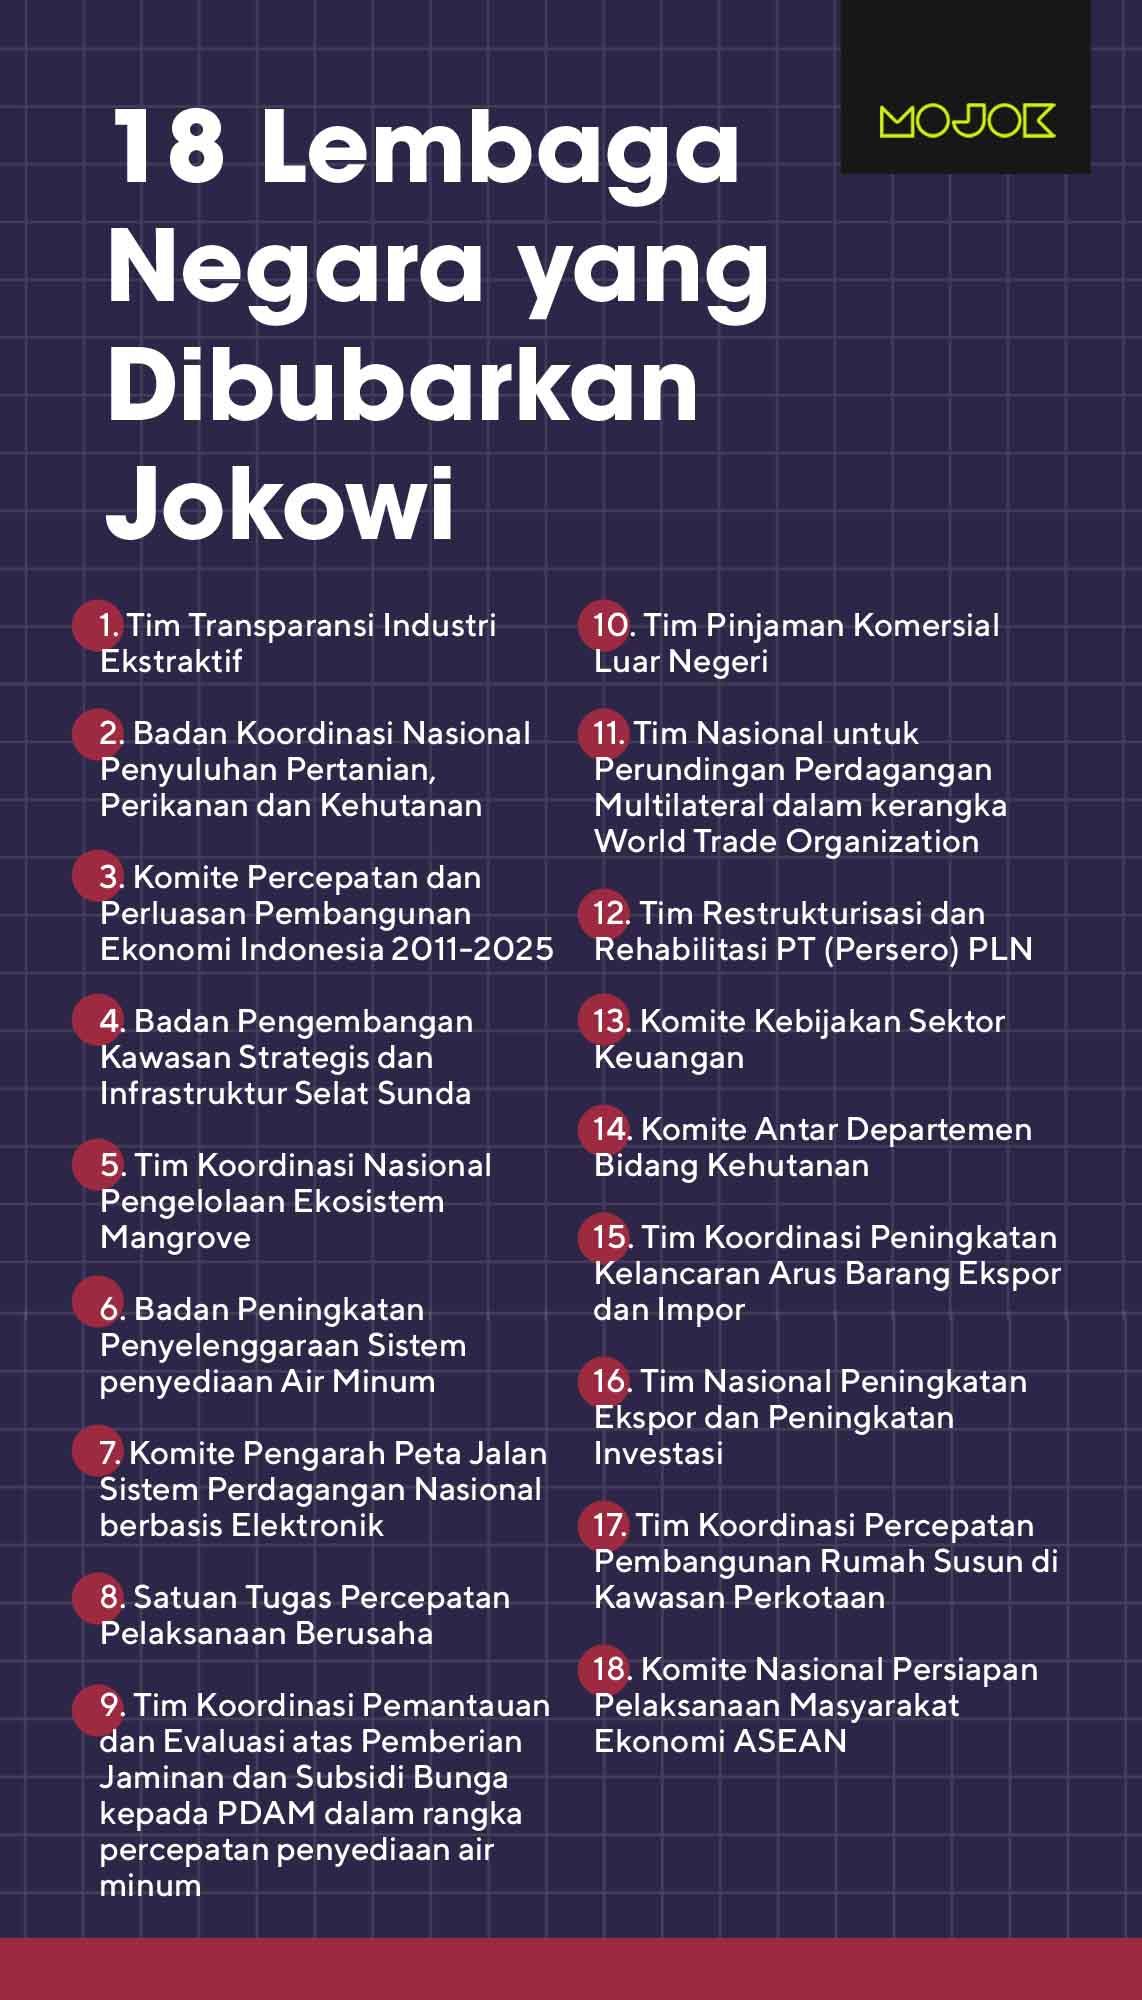 18 lembaga negara